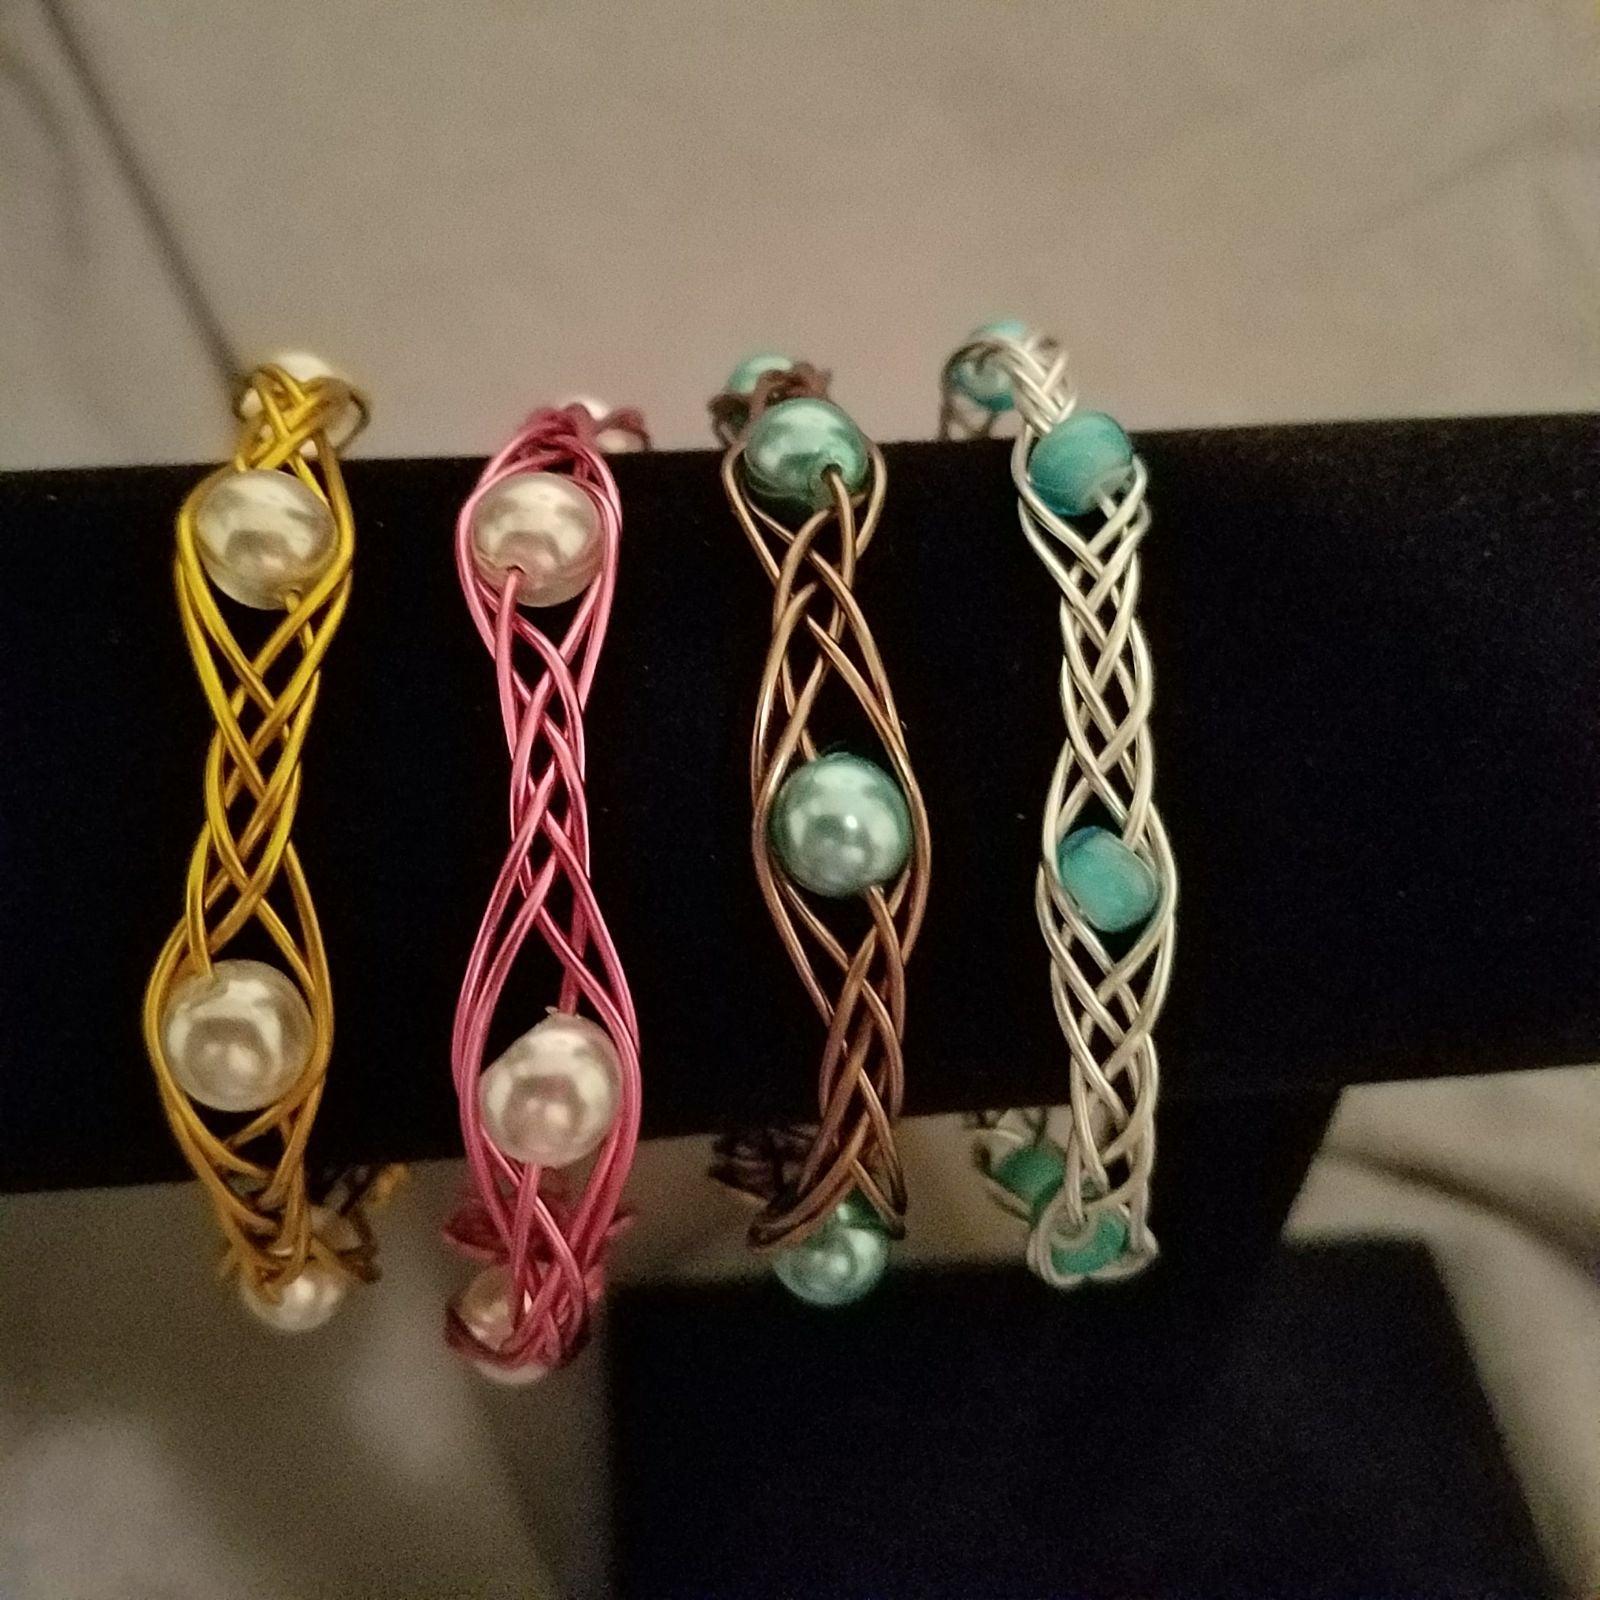 Celtic inspired woven bracelets